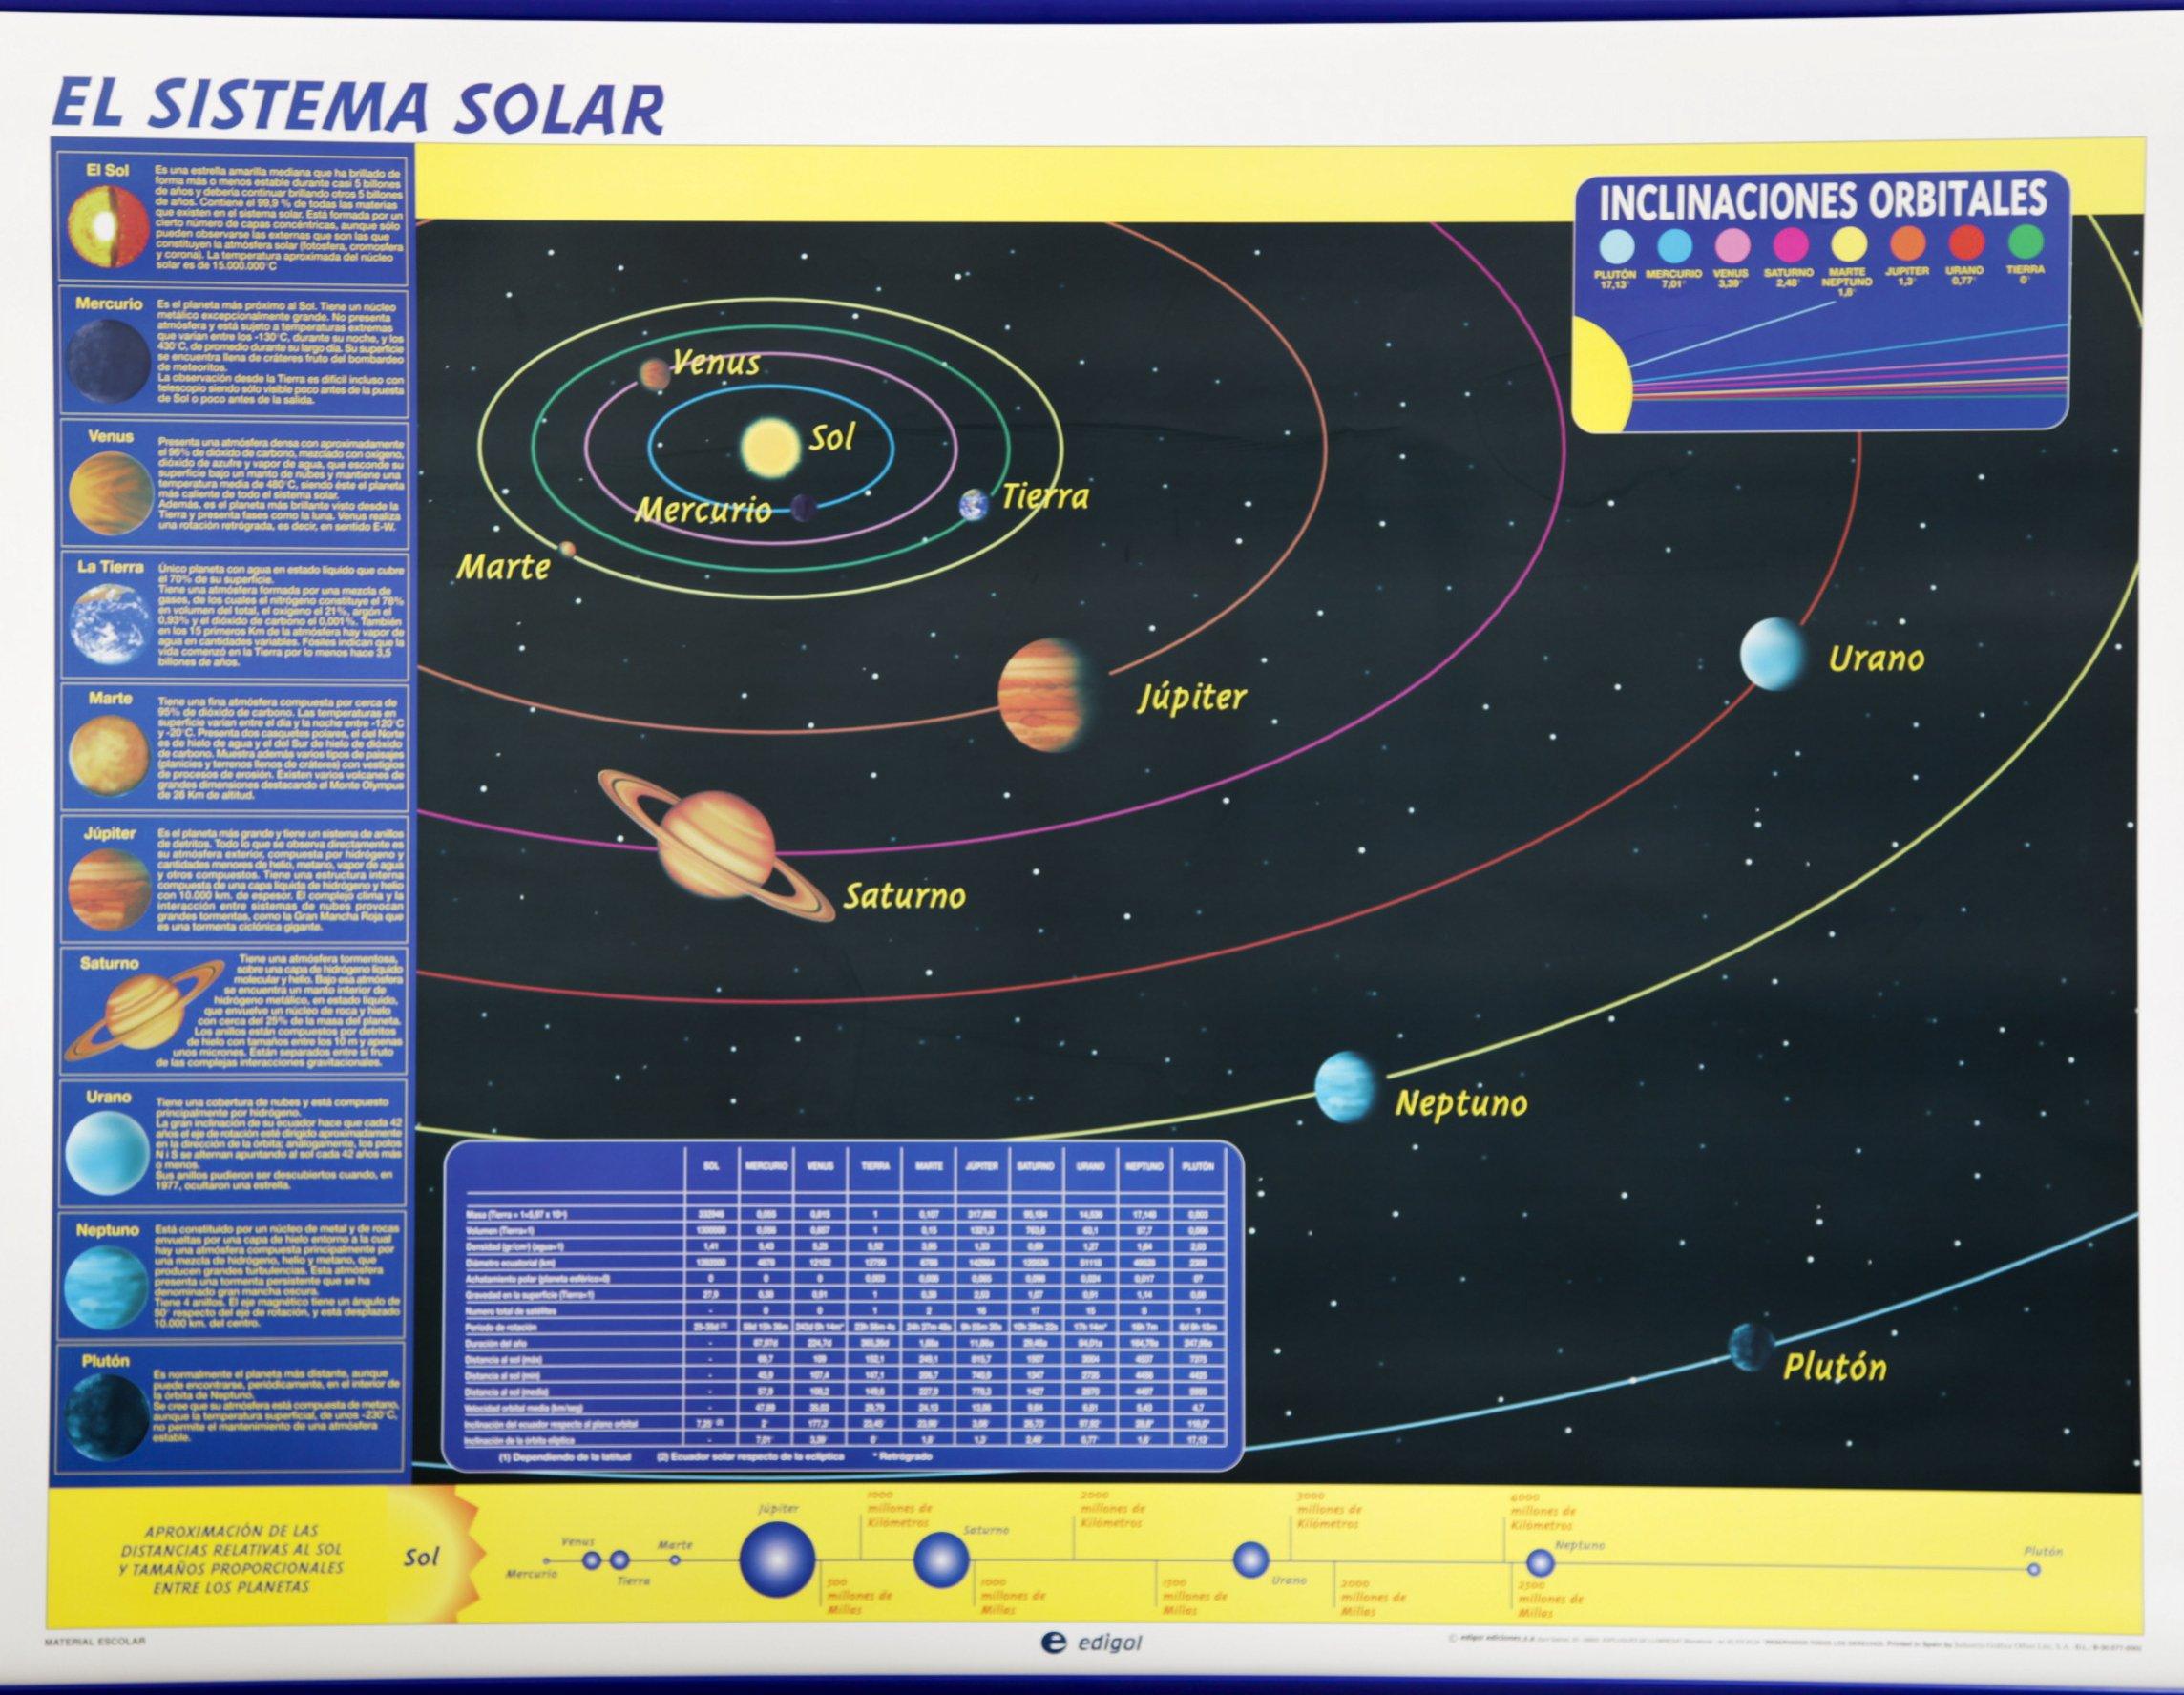 El Sistema Solar: S.A. Edigol Ediciones and Edigol Ediciones, S.A. Edigol Ediciones: 9788496999039: Amazon.com: Books